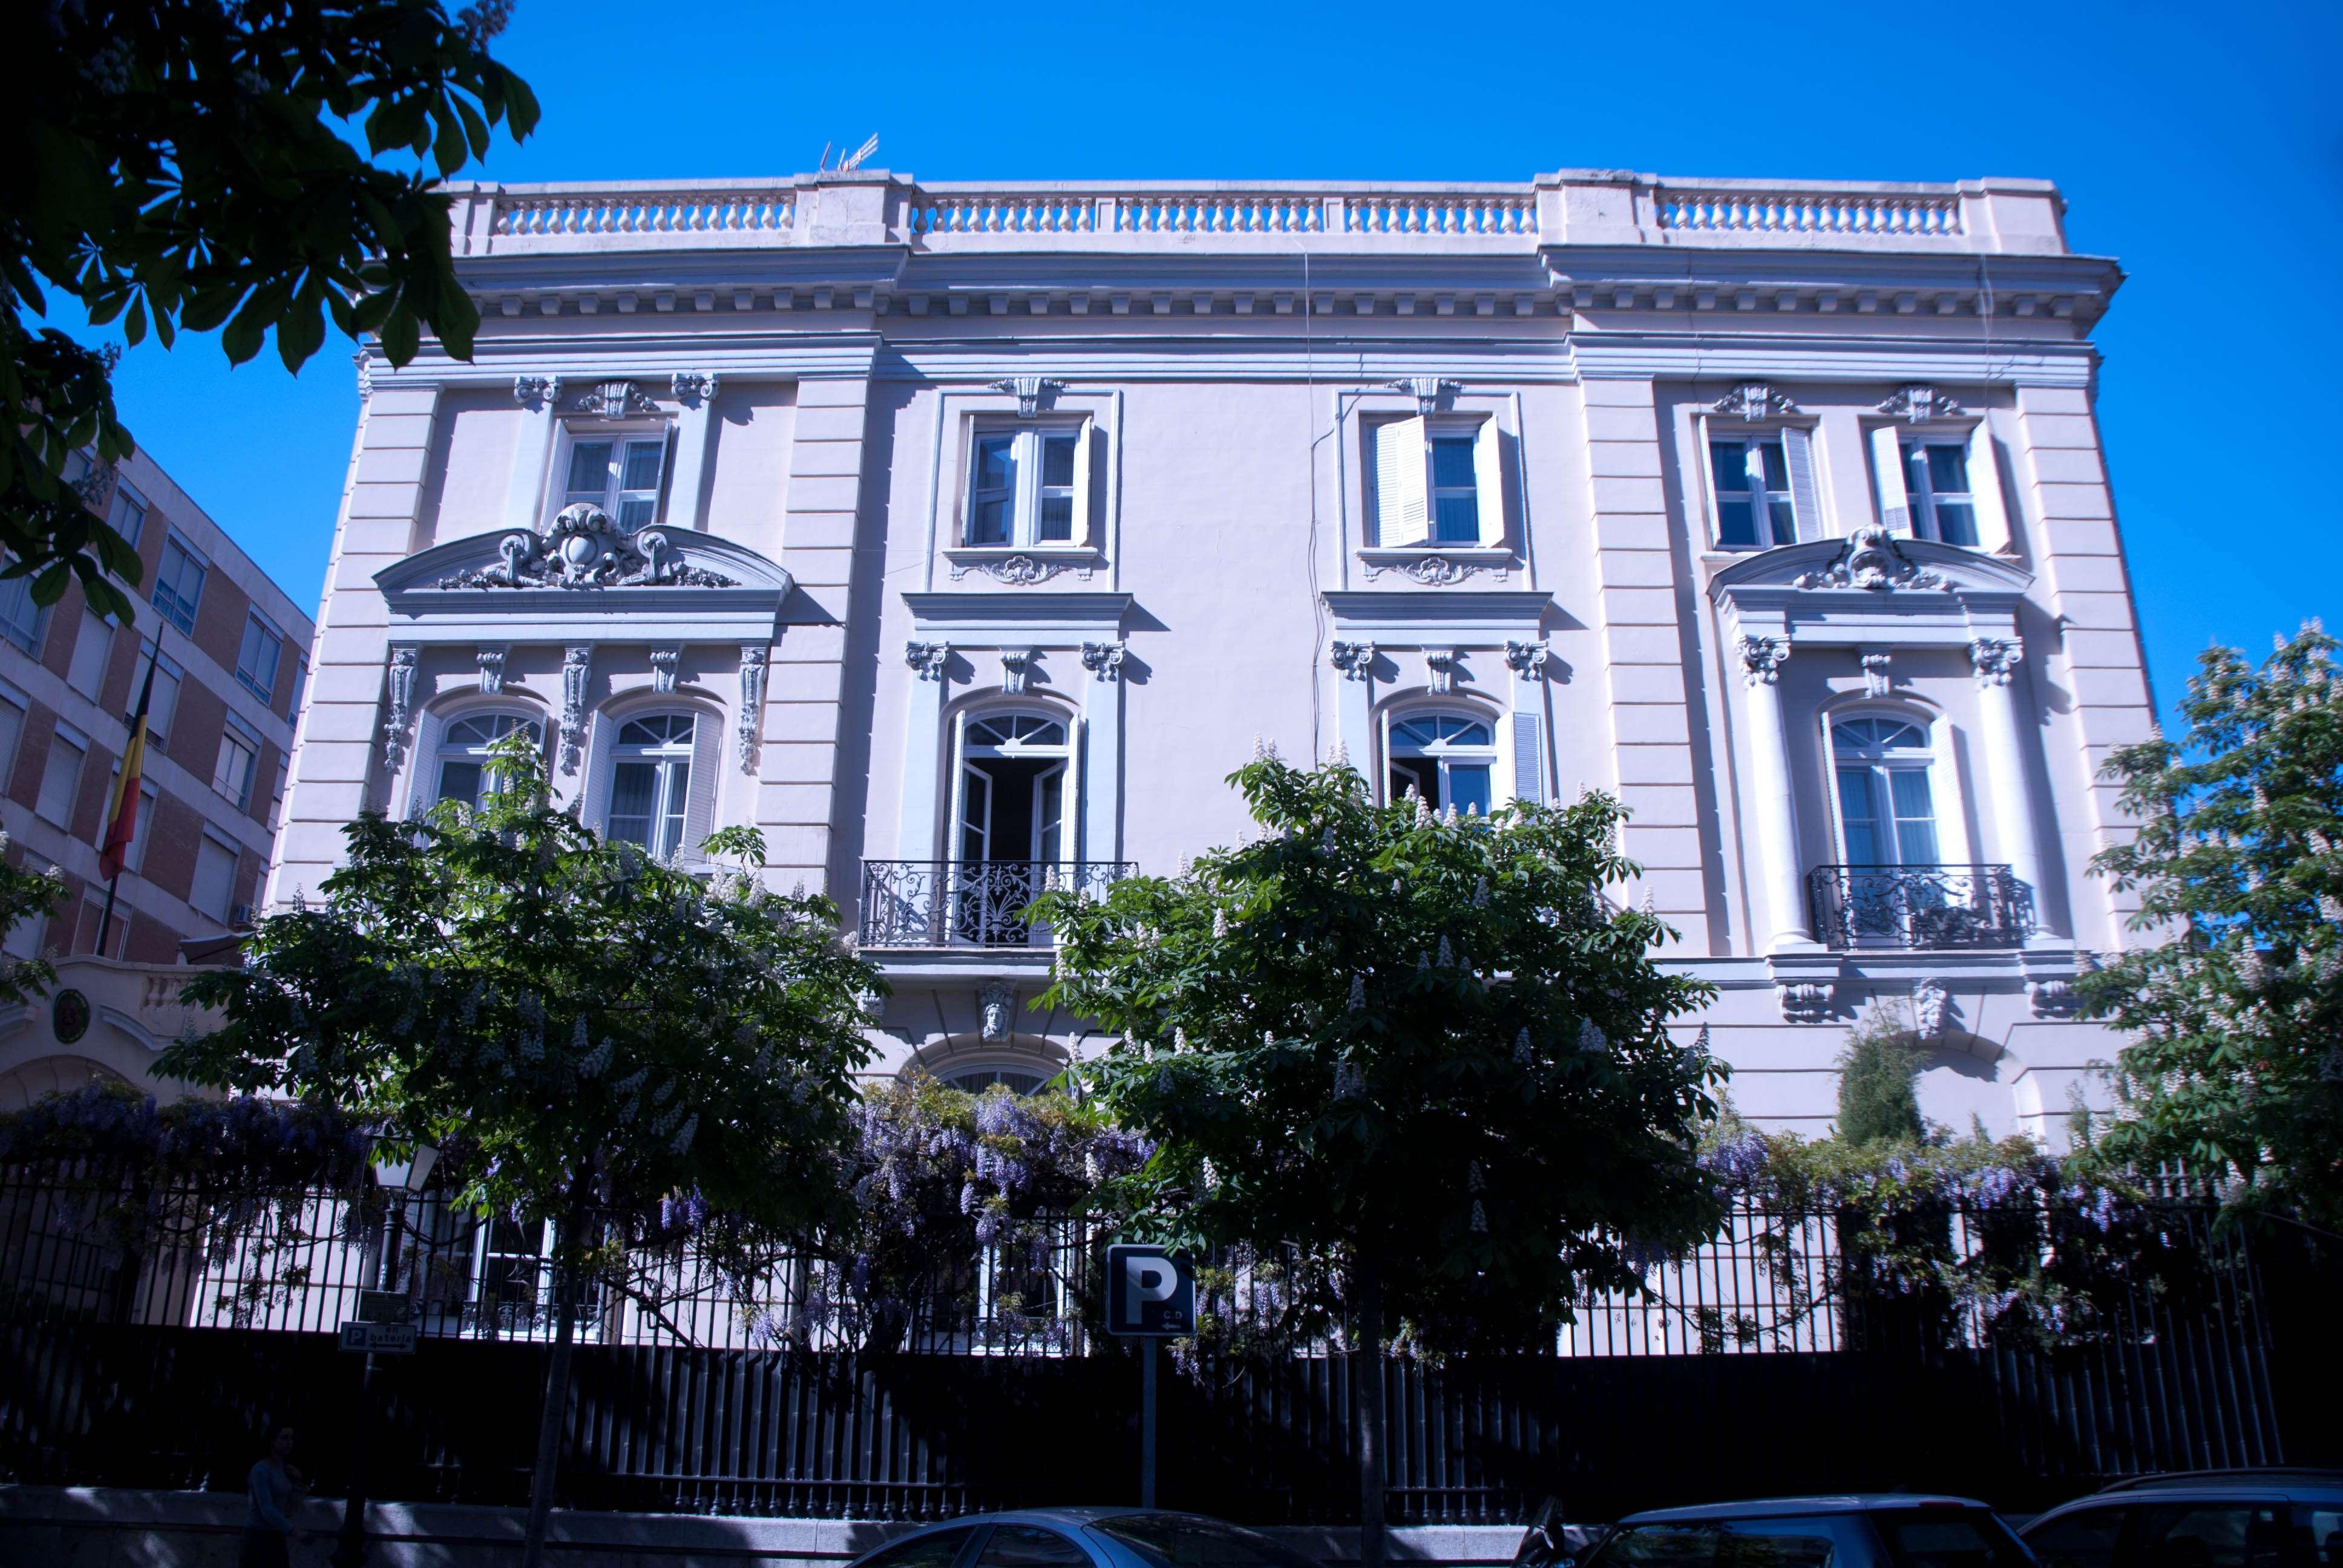 Paseos y rutas por madrid diarios de viajes de espa a - Calle castello madrid ...